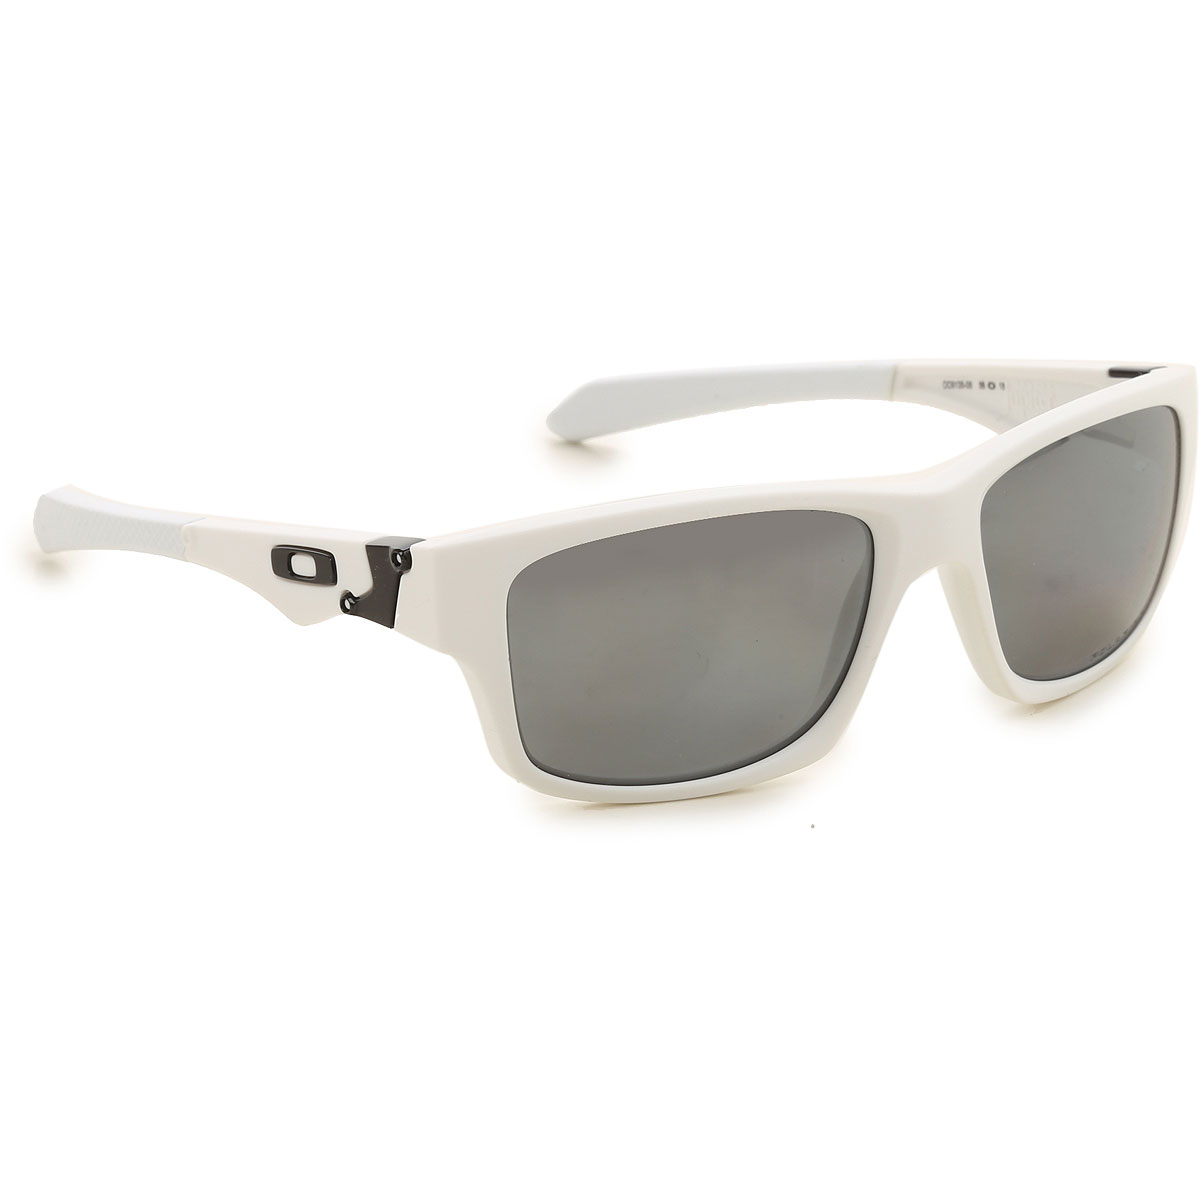 Oakley Sunglasses On Sale, Matt White, 2019